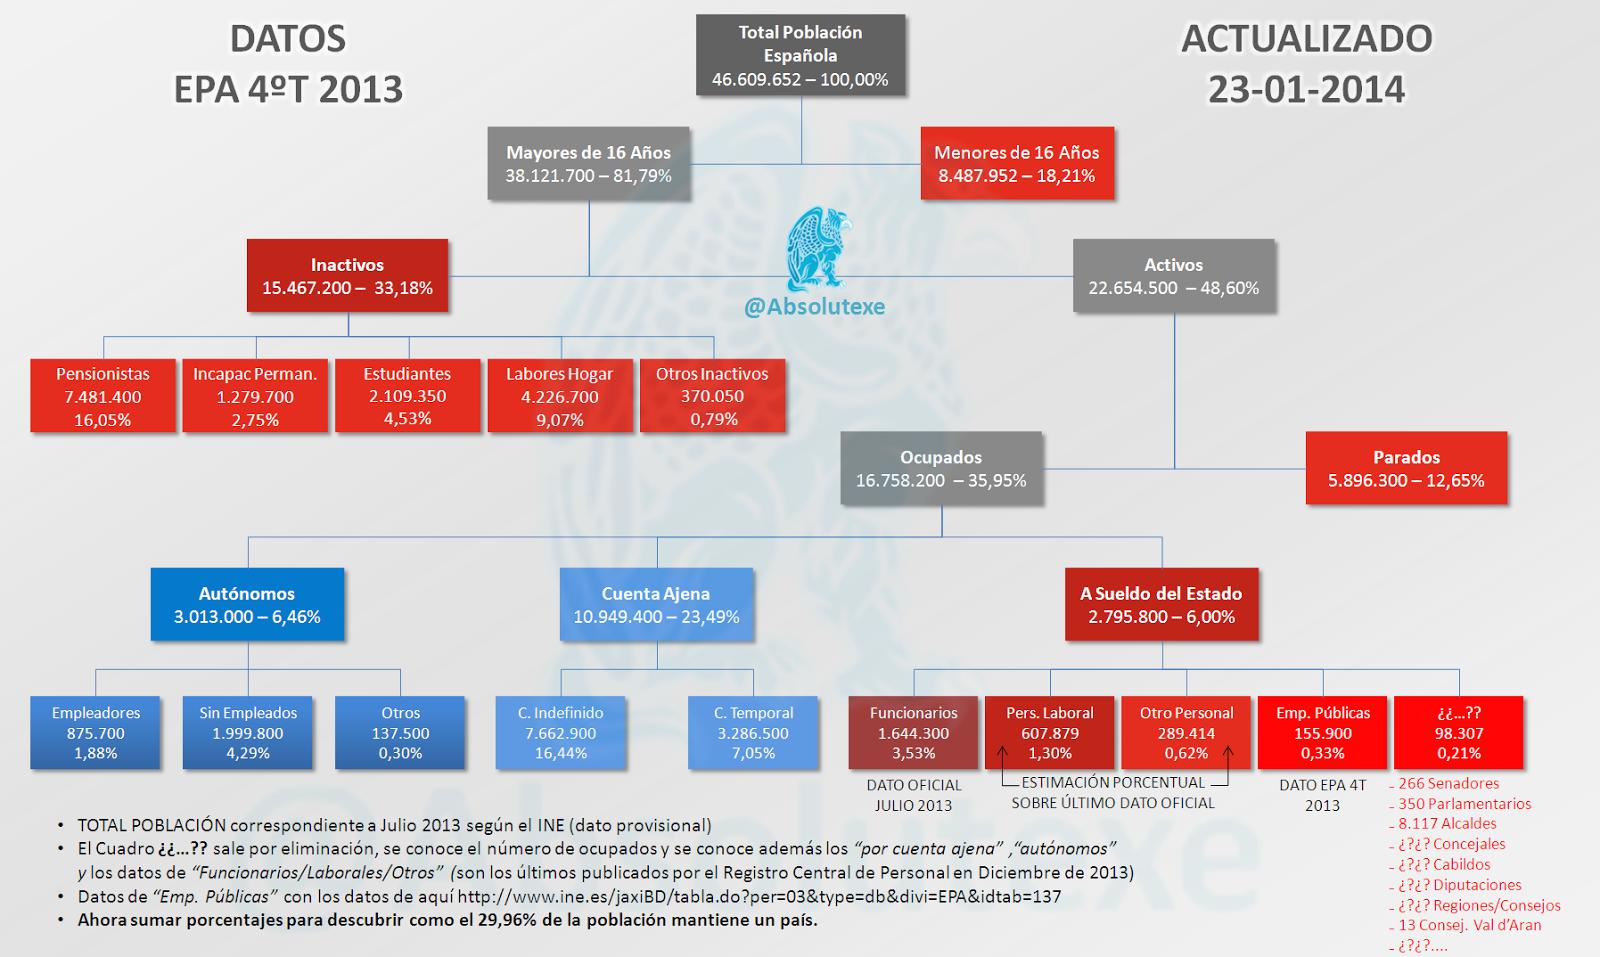 Datos estructurados de la EPA del cuatro trimestre de 2013